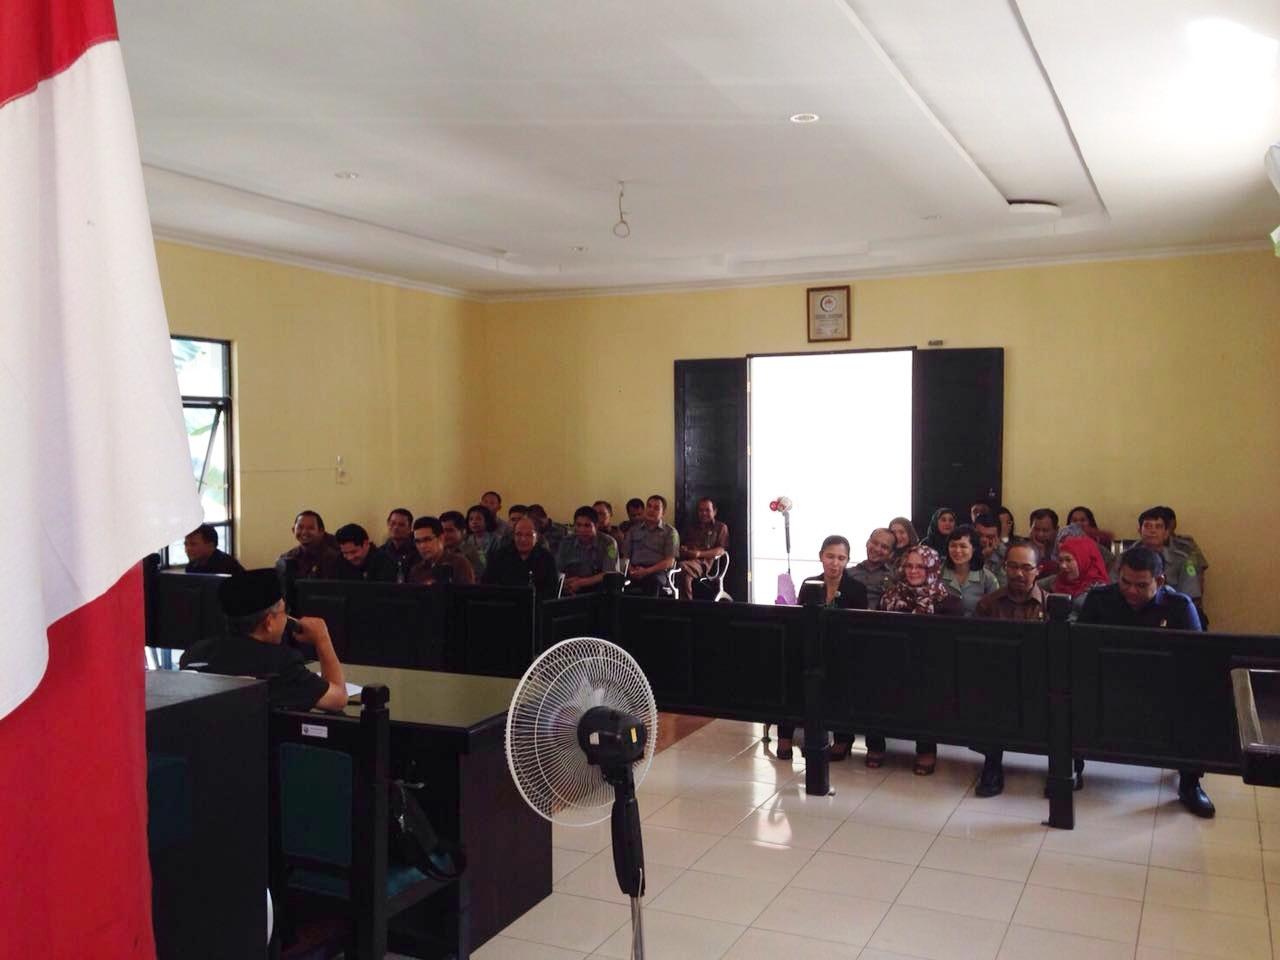 Kunjungan Ketua Pengadilan Tinggi Medan ke Pengadilan Negeri Kisaran